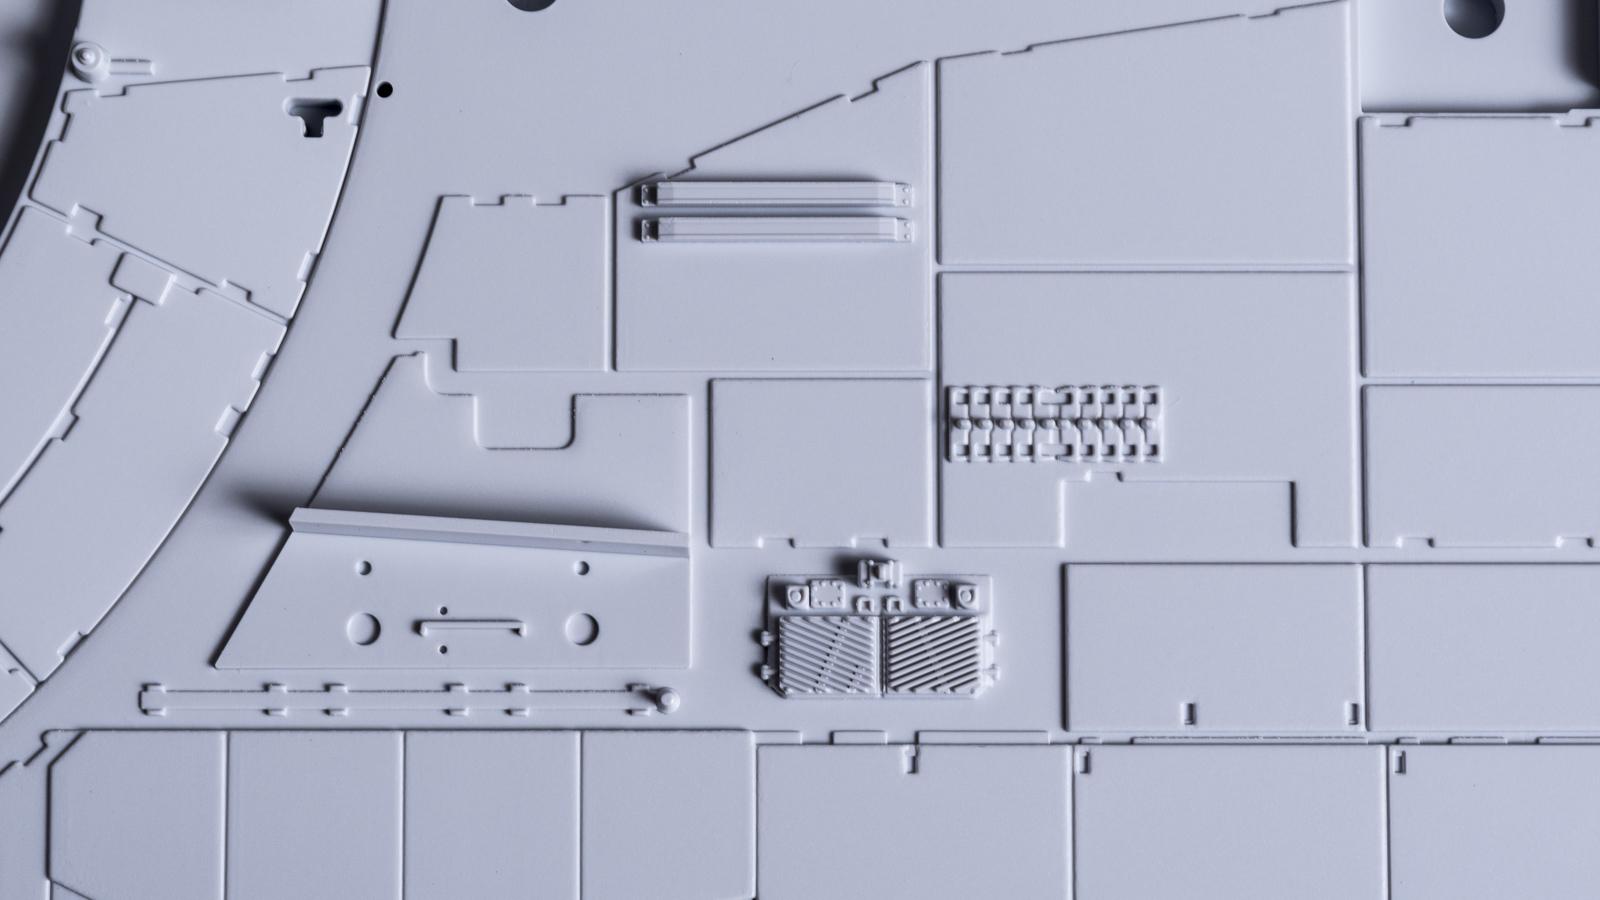 """「模型で作った模型の模型」、バンダイのミレニアムファルコンが持つ\""""パーフェクト\""""の意味【前編】_b0029315_00042759.jpg"""